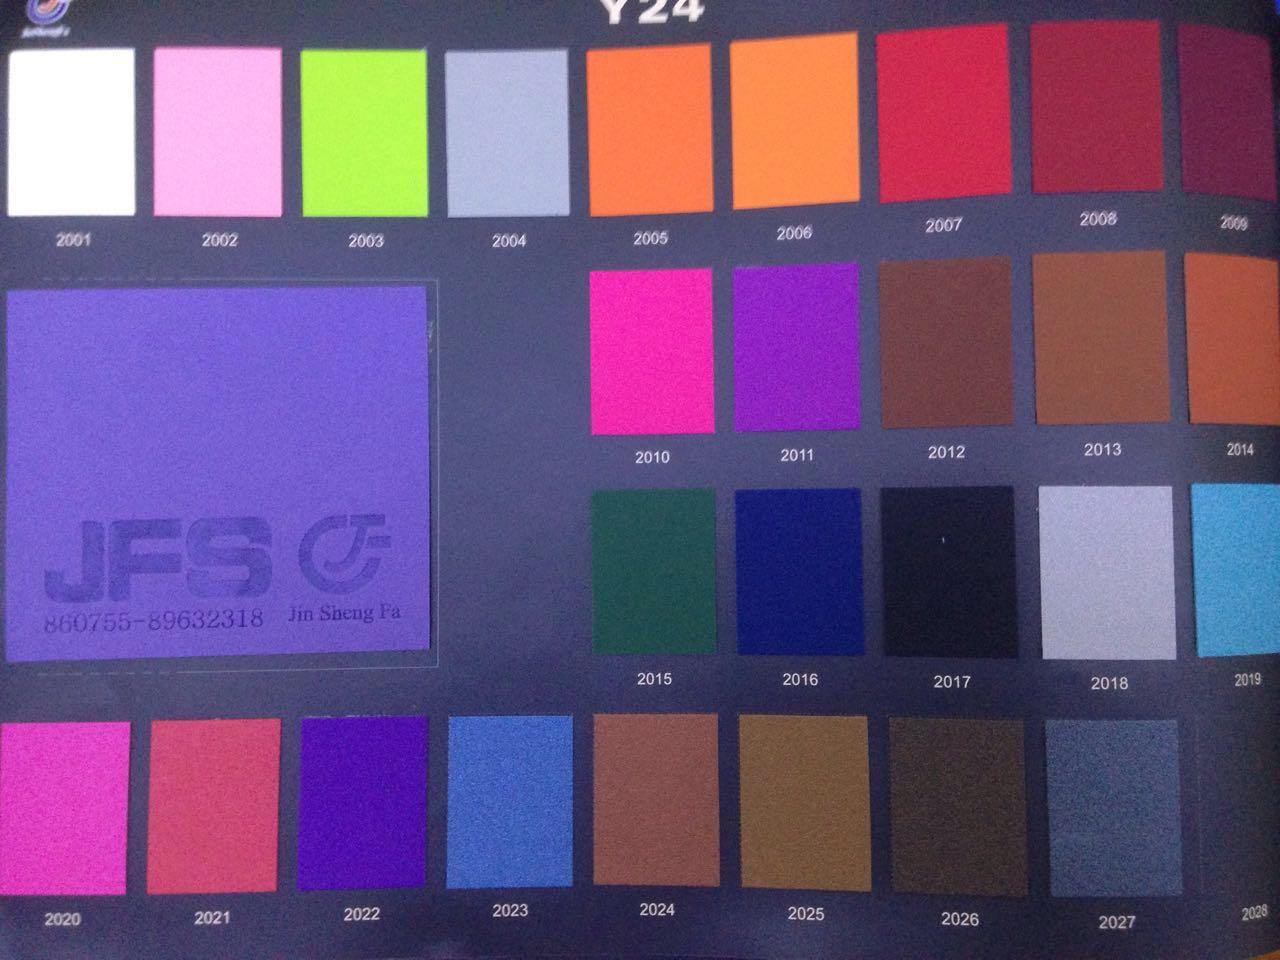 厂家直销PU革电子材料包装革热压变色手机套Y24图片二